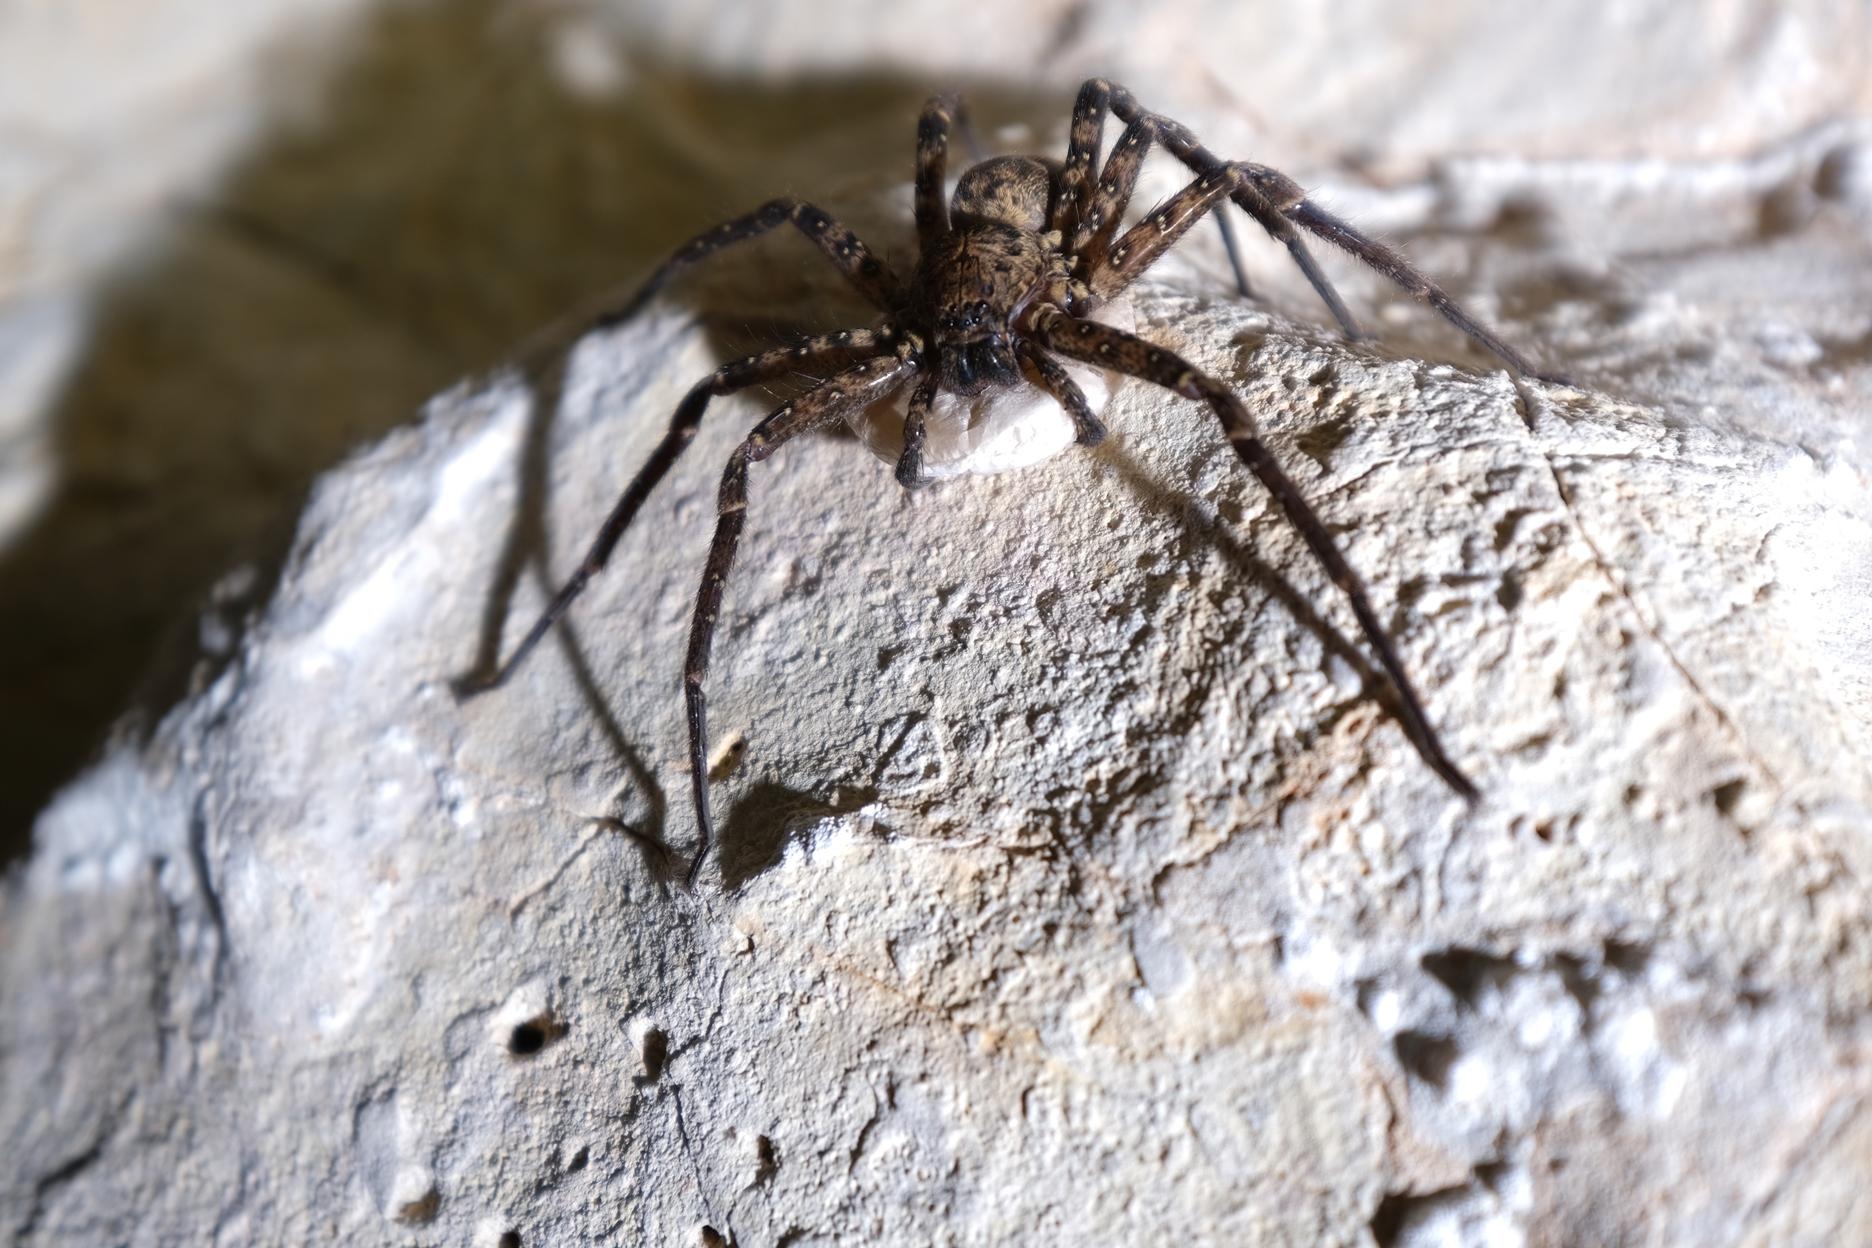 נקבת מברישן - עכביש נפוץ במערה